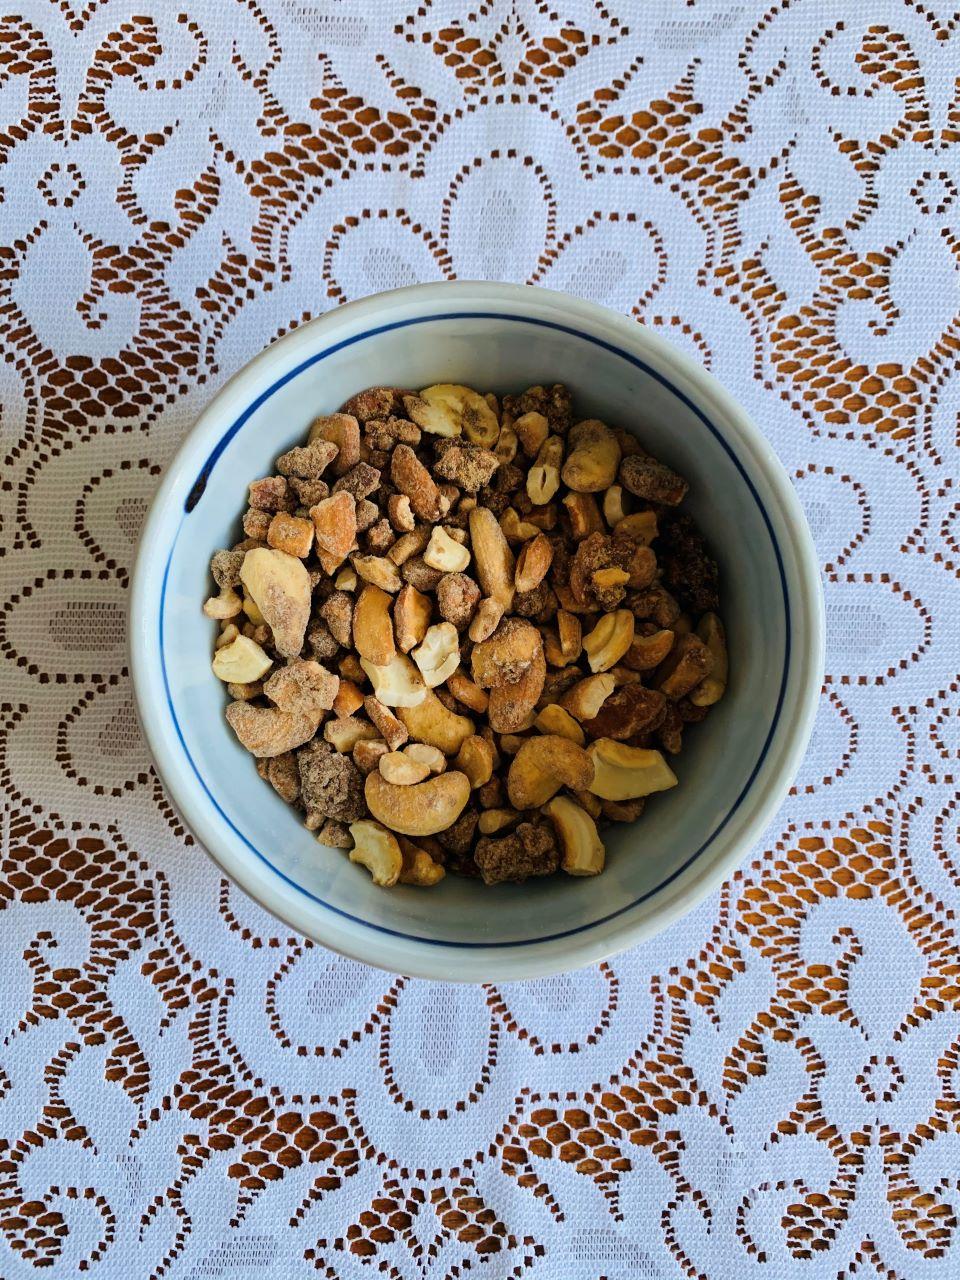 Irish Stout infused Cashews